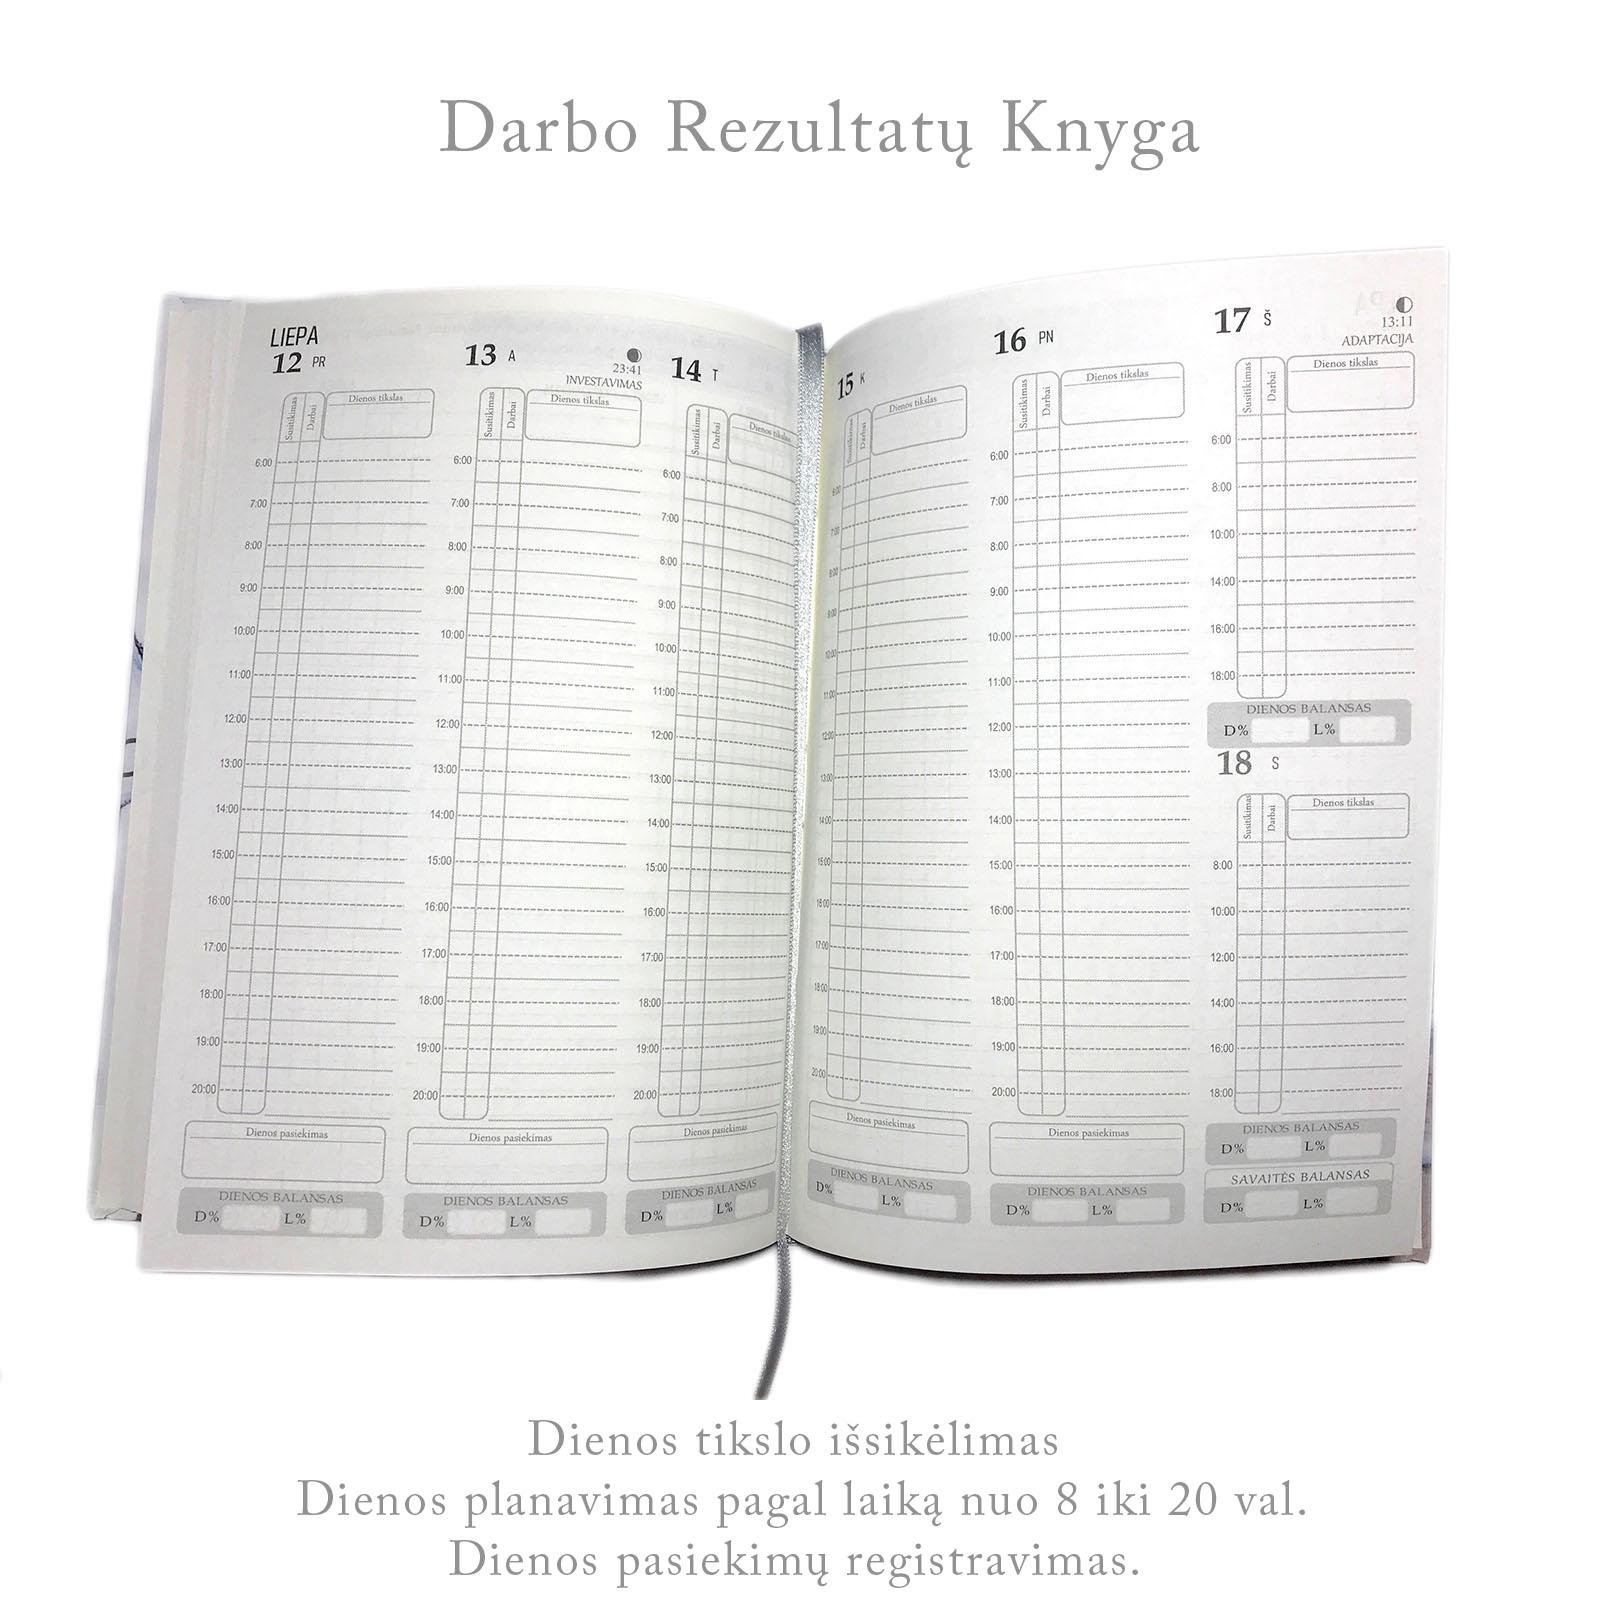 darbo knyga uzrasine rezultatu suvestine issikeltu tikslu sekimas ir registravimas dovanos vyrams gimtadienio verslo imonems partneriams biuro dovanos ofisui 3